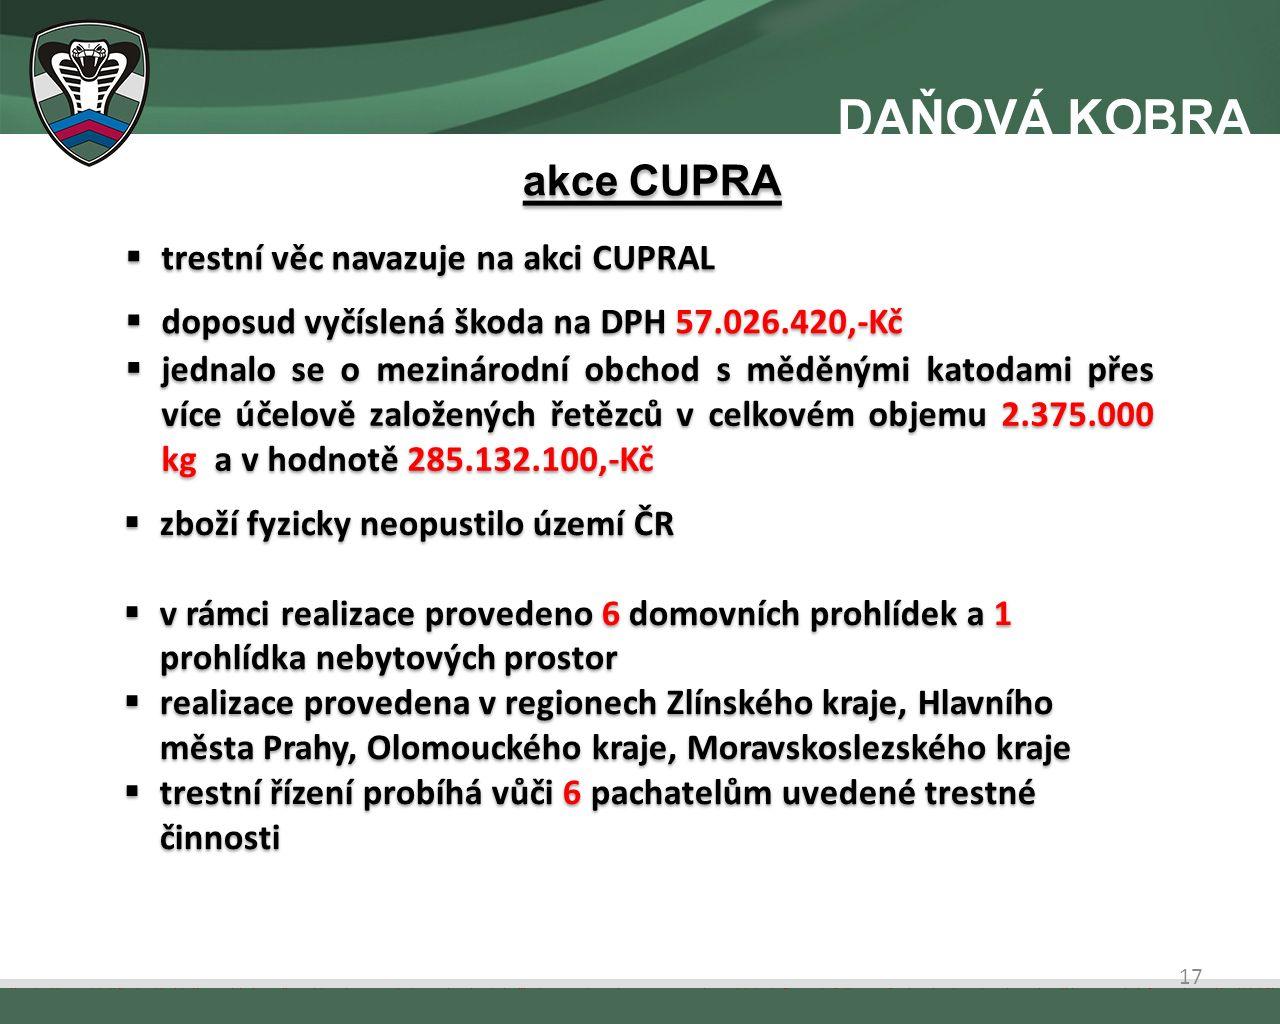  trestní věc navazuje na akci CUPRAL  doposud vyčíslená škoda na DPH 57.026.420,-Kč  jednalo se o mezinárodní obchod s měděnými katodami přes více účelově založených řetězců v celkovém objemu 2.375.000 kg a v hodnotě 285.132.100,-Kč  zboží fyzicky neopustilo území ČR  v rámci realizace provedeno 6 domovních prohlídek a 1 prohlídka nebytových prostor  realizace provedena v regionech Zlínského kraje, Hlavního města Prahy, Olomouckého kraje, Moravskoslezského kraje  trestní řízení probíhá vůči 6 pachatelům uvedené trestné činnosti  zboží fyzicky neopustilo území ČR  v rámci realizace provedeno 6 domovních prohlídek a 1 prohlídka nebytových prostor  realizace provedena v regionech Zlínského kraje, Hlavního města Prahy, Olomouckého kraje, Moravskoslezského kraje  trestní řízení probíhá vůči 6 pachatelům uvedené trestné činnosti akce CUPRA 17